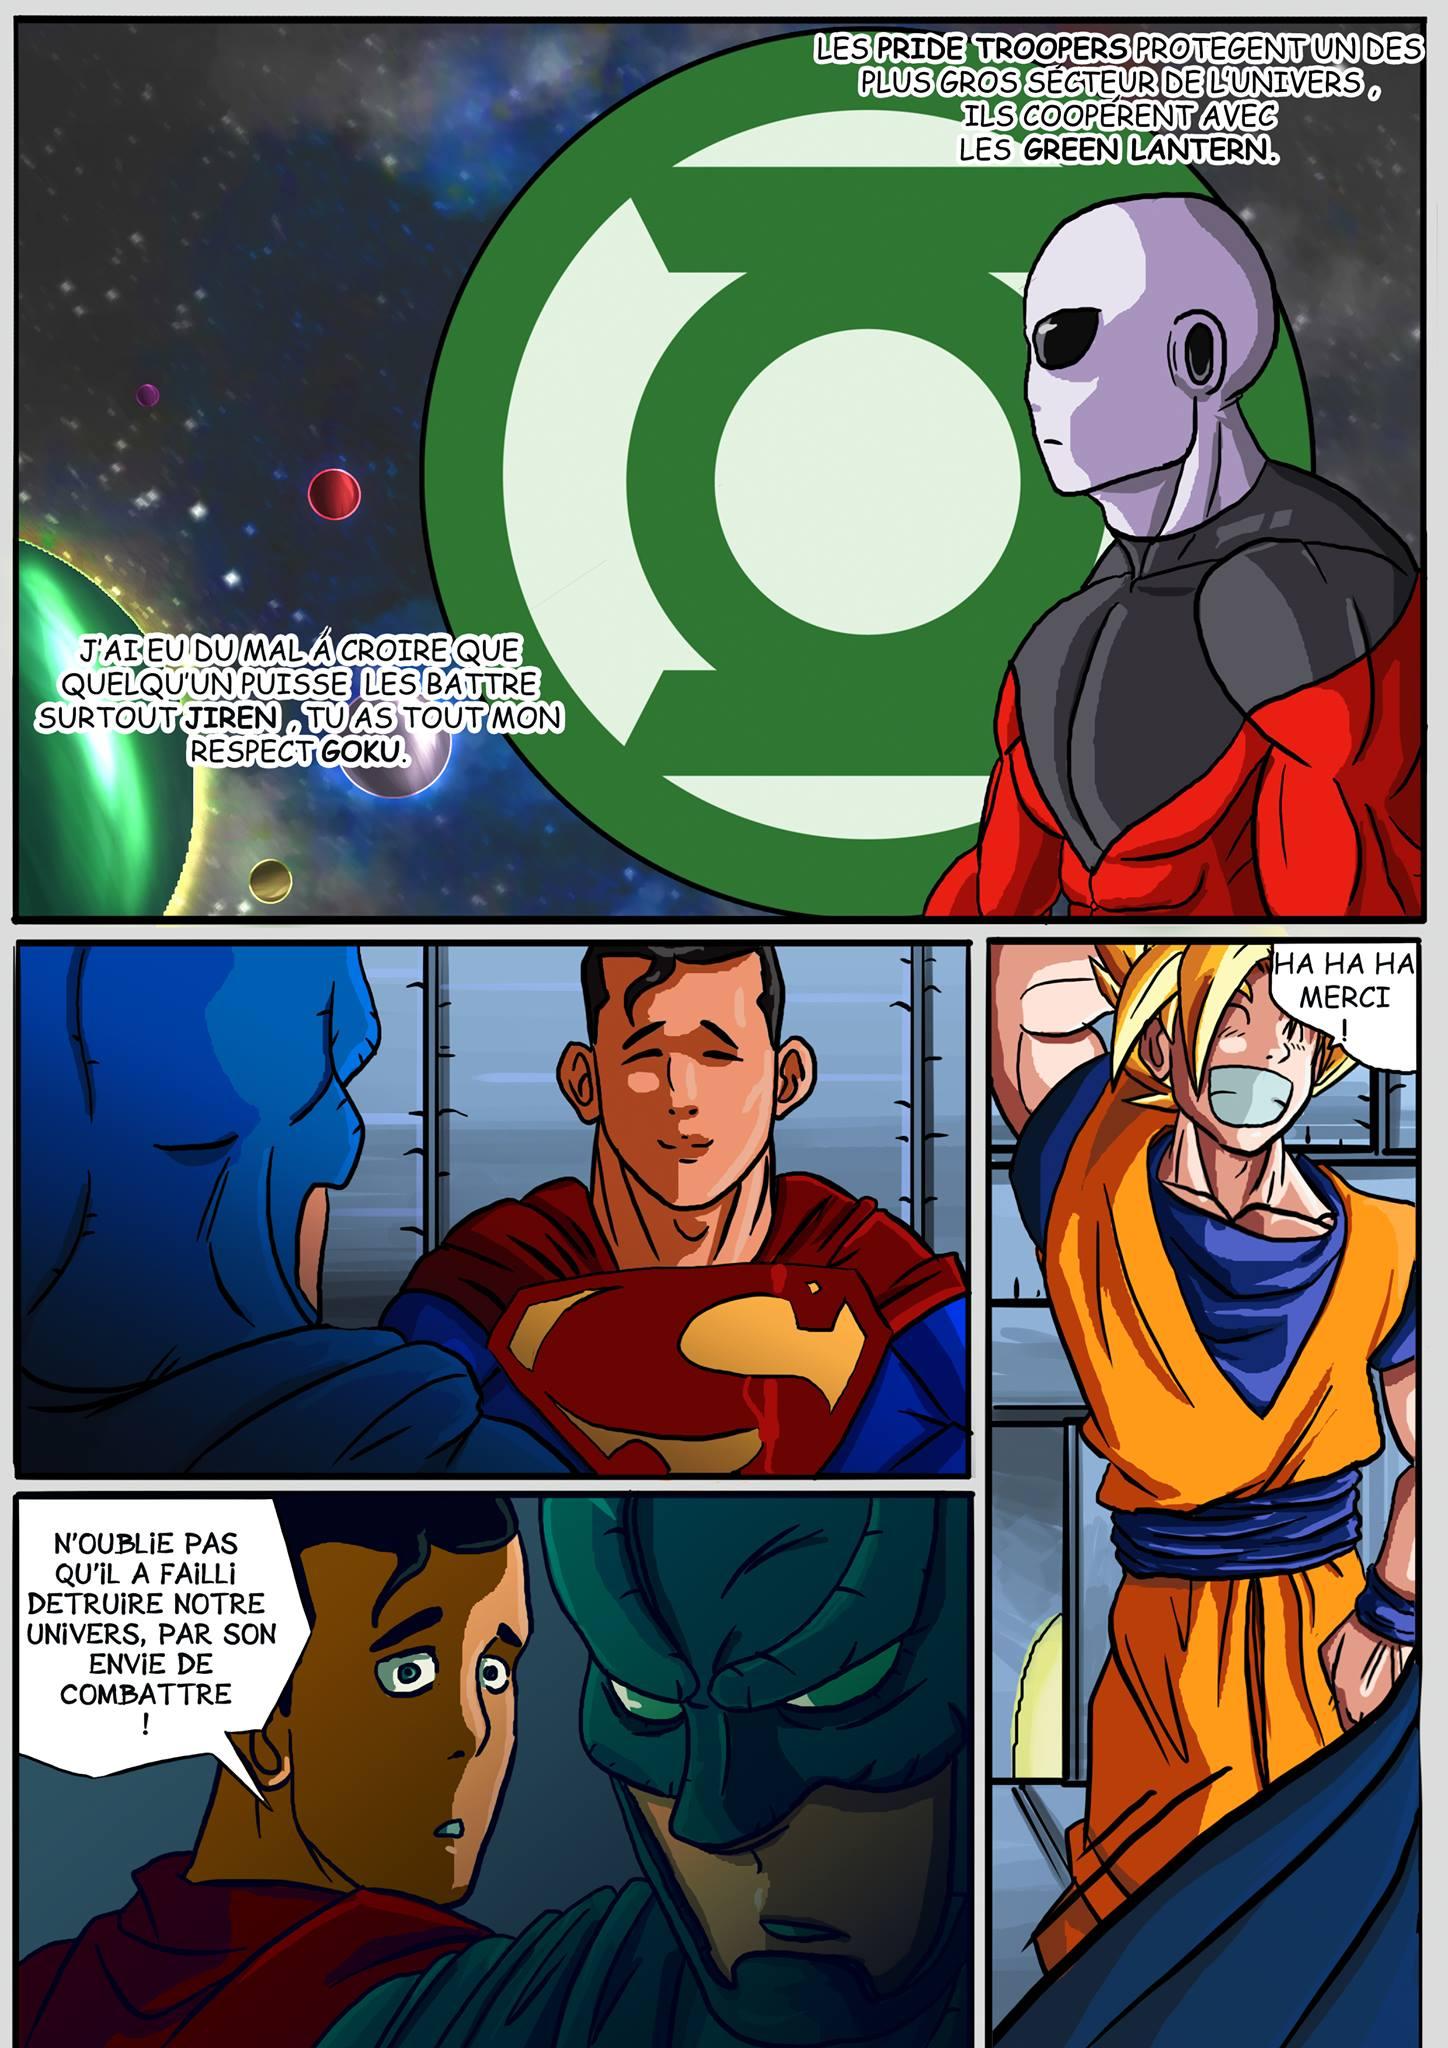 Justice league goku - 7